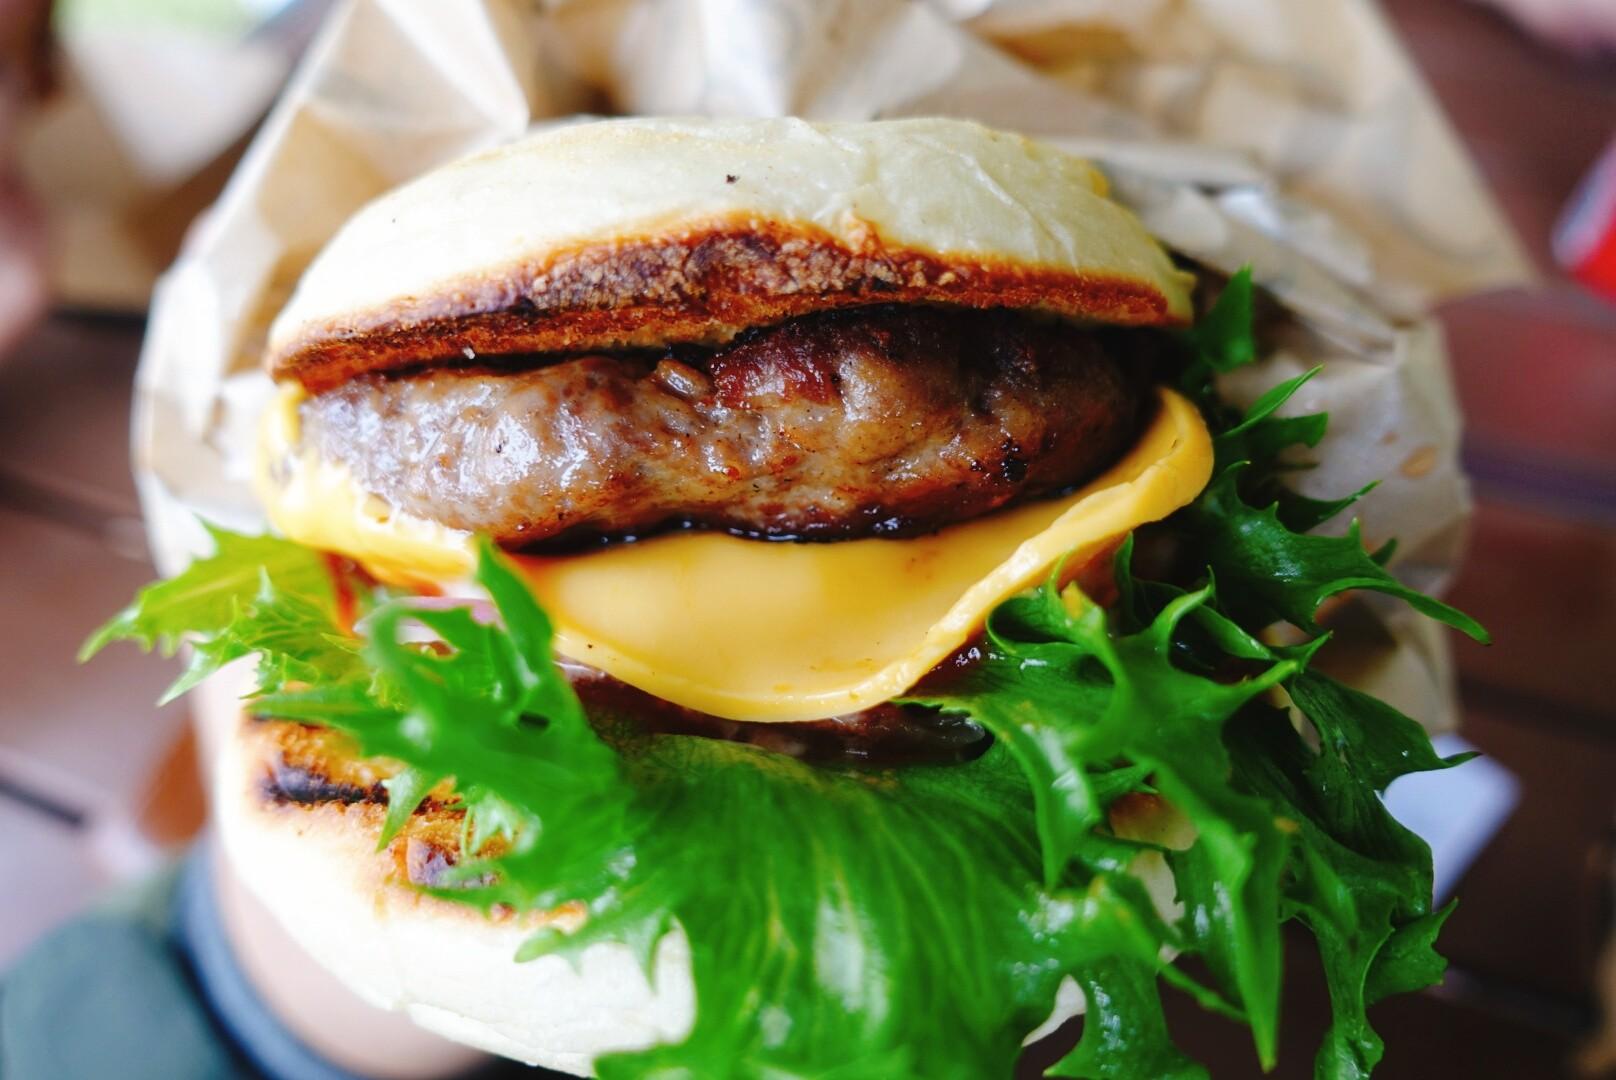 【桃園大溪】GOGOBOX餐車誌in樂灣基地|享受野餐般的輕鬆氛圍,起司牛肉堡多汁又美味|餐車